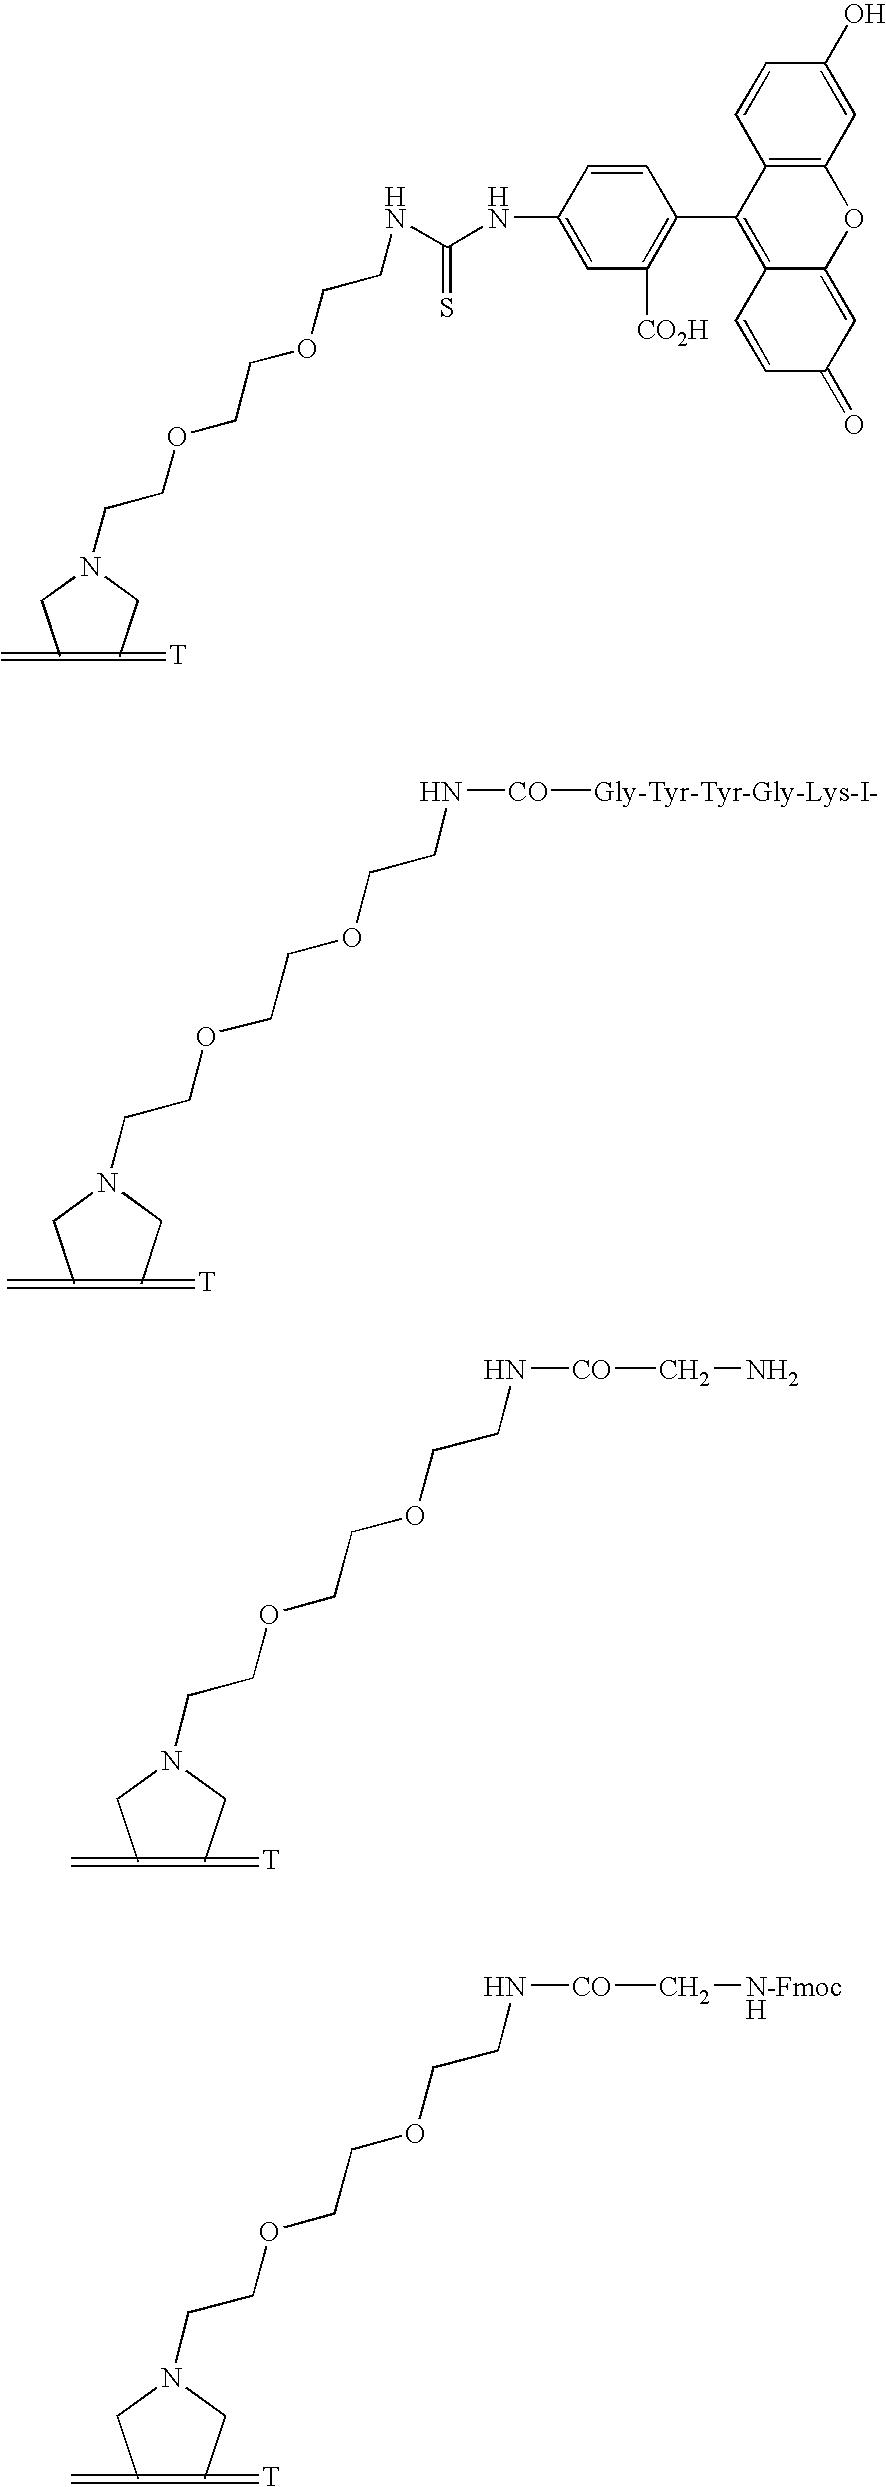 Figure US20080008760A1-20080110-C00019